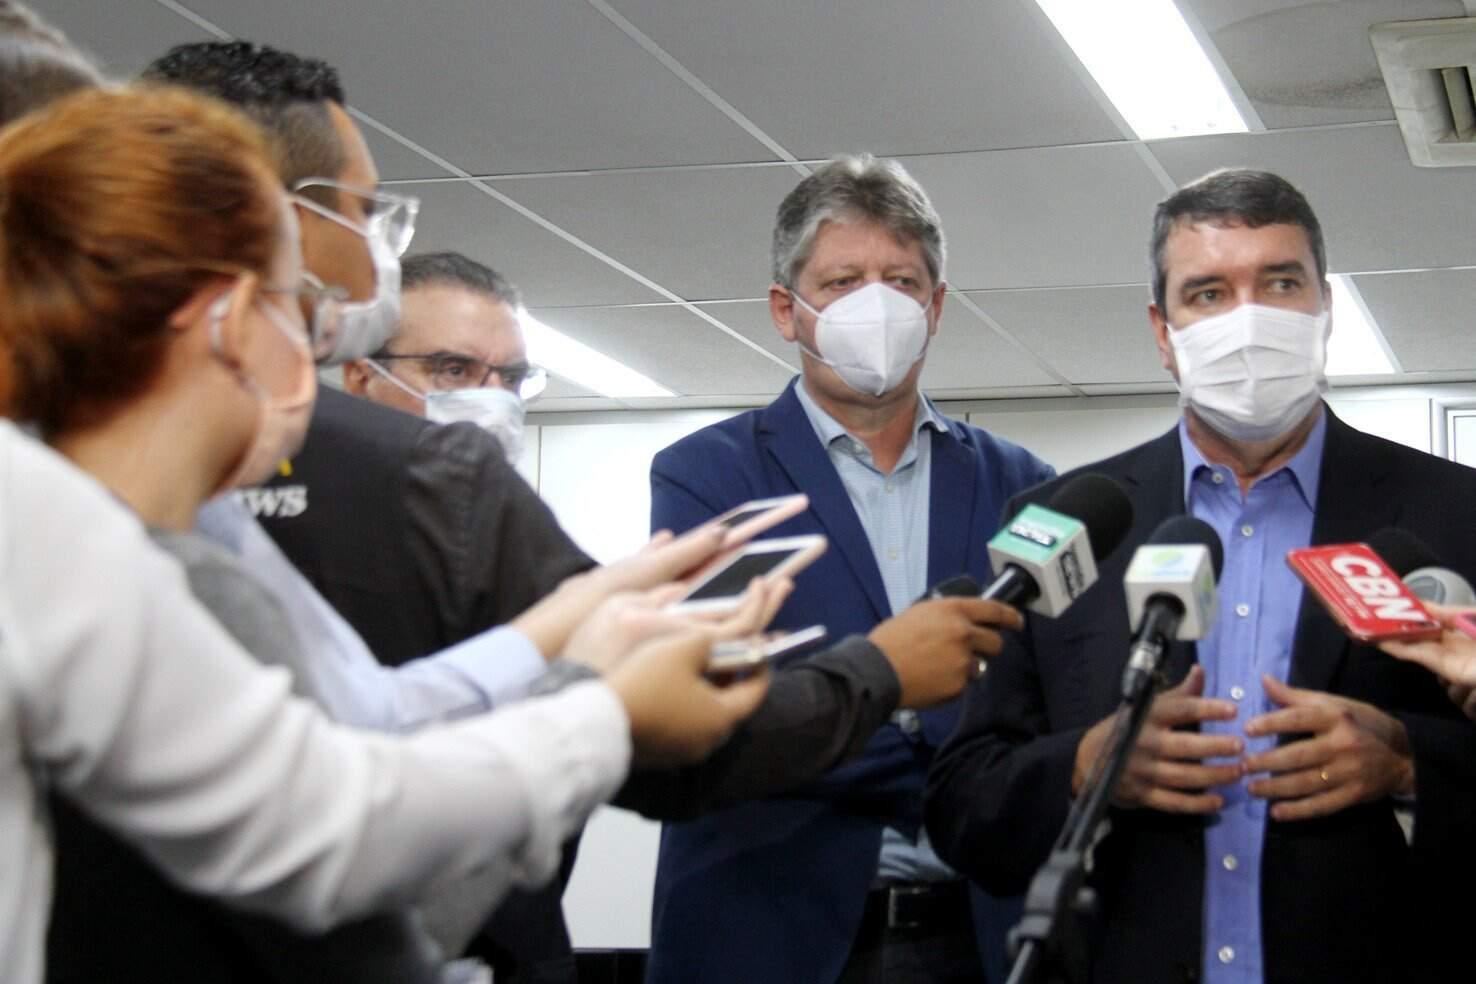 Secretários Jaime Verruck e Eduardo Riedel, durante entrevista na Assembleia (Foto: Wagner Guimarães - ALMS)